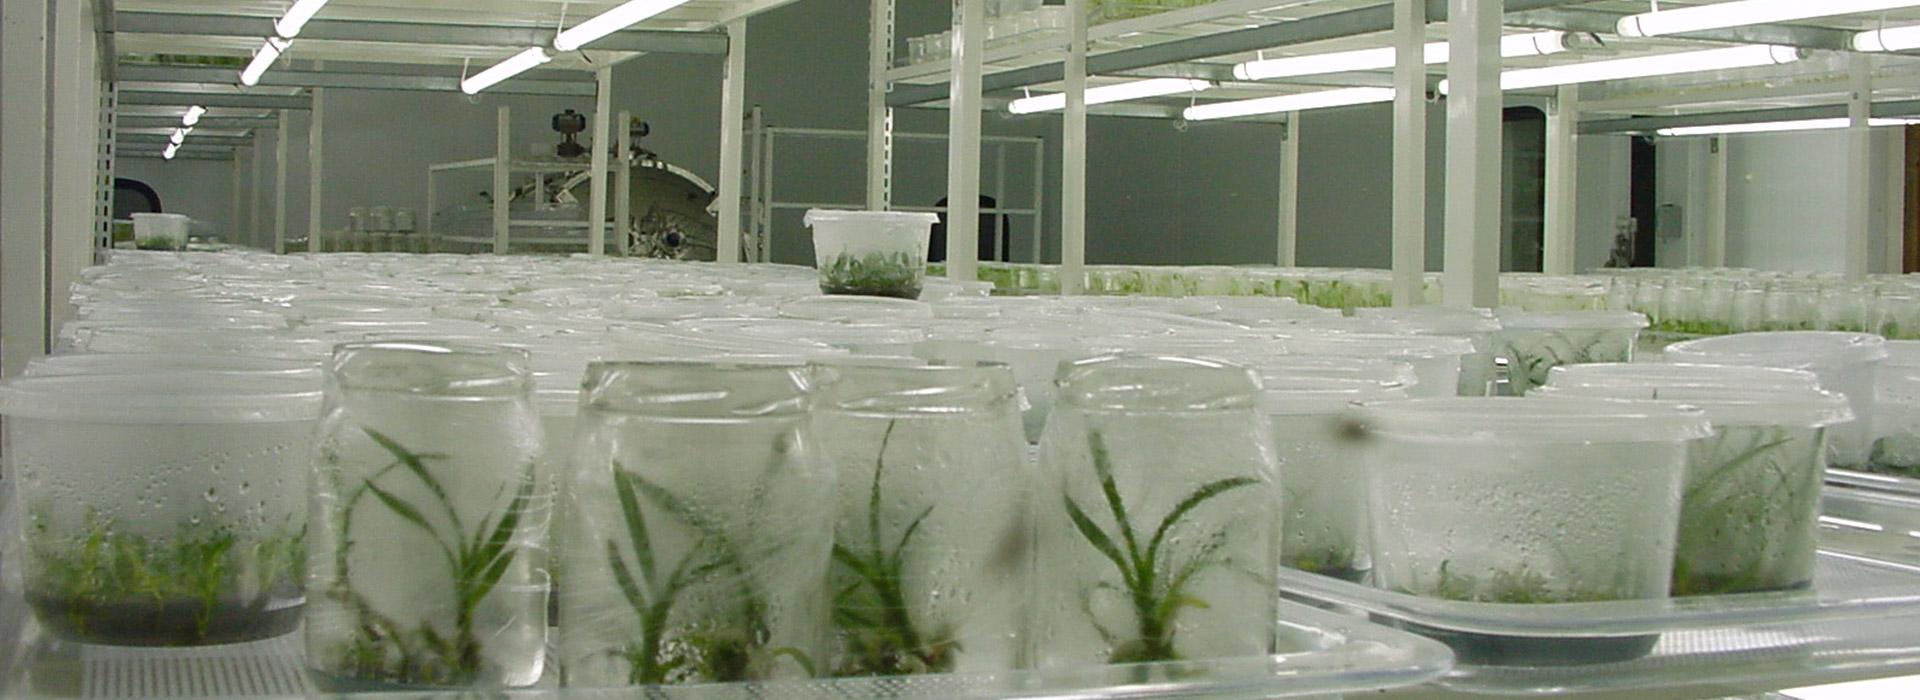 Câmara de Crescimento